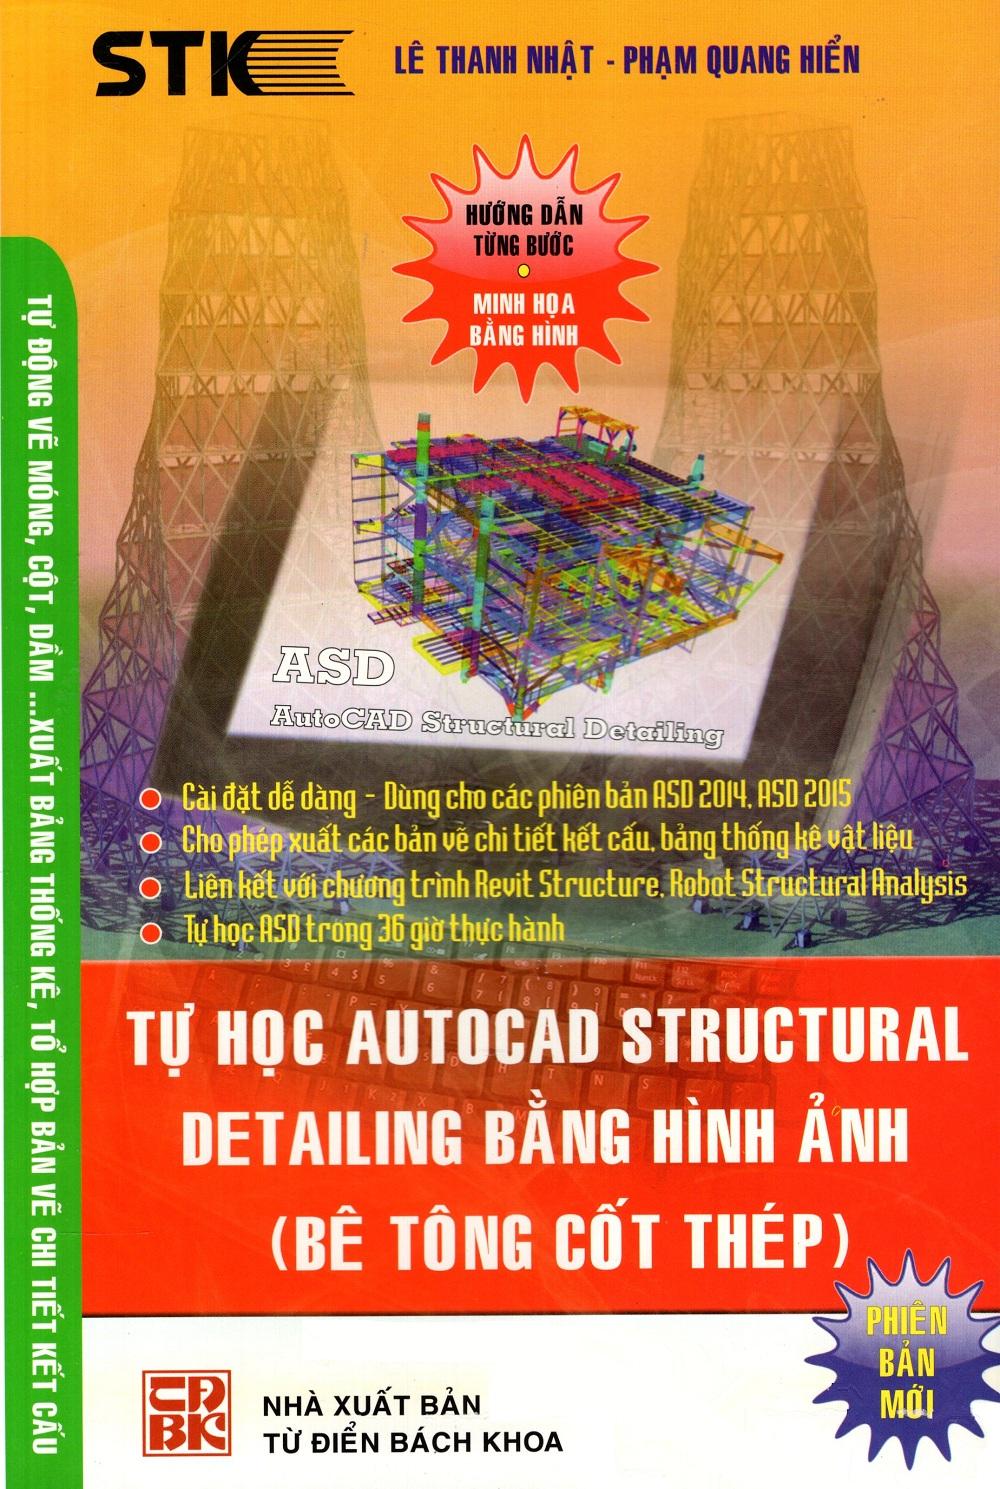 Bìa sách Tự Học Autocad Structural Detailing Bằng Hình Ảnh (Bê Tông Cốt Thép)